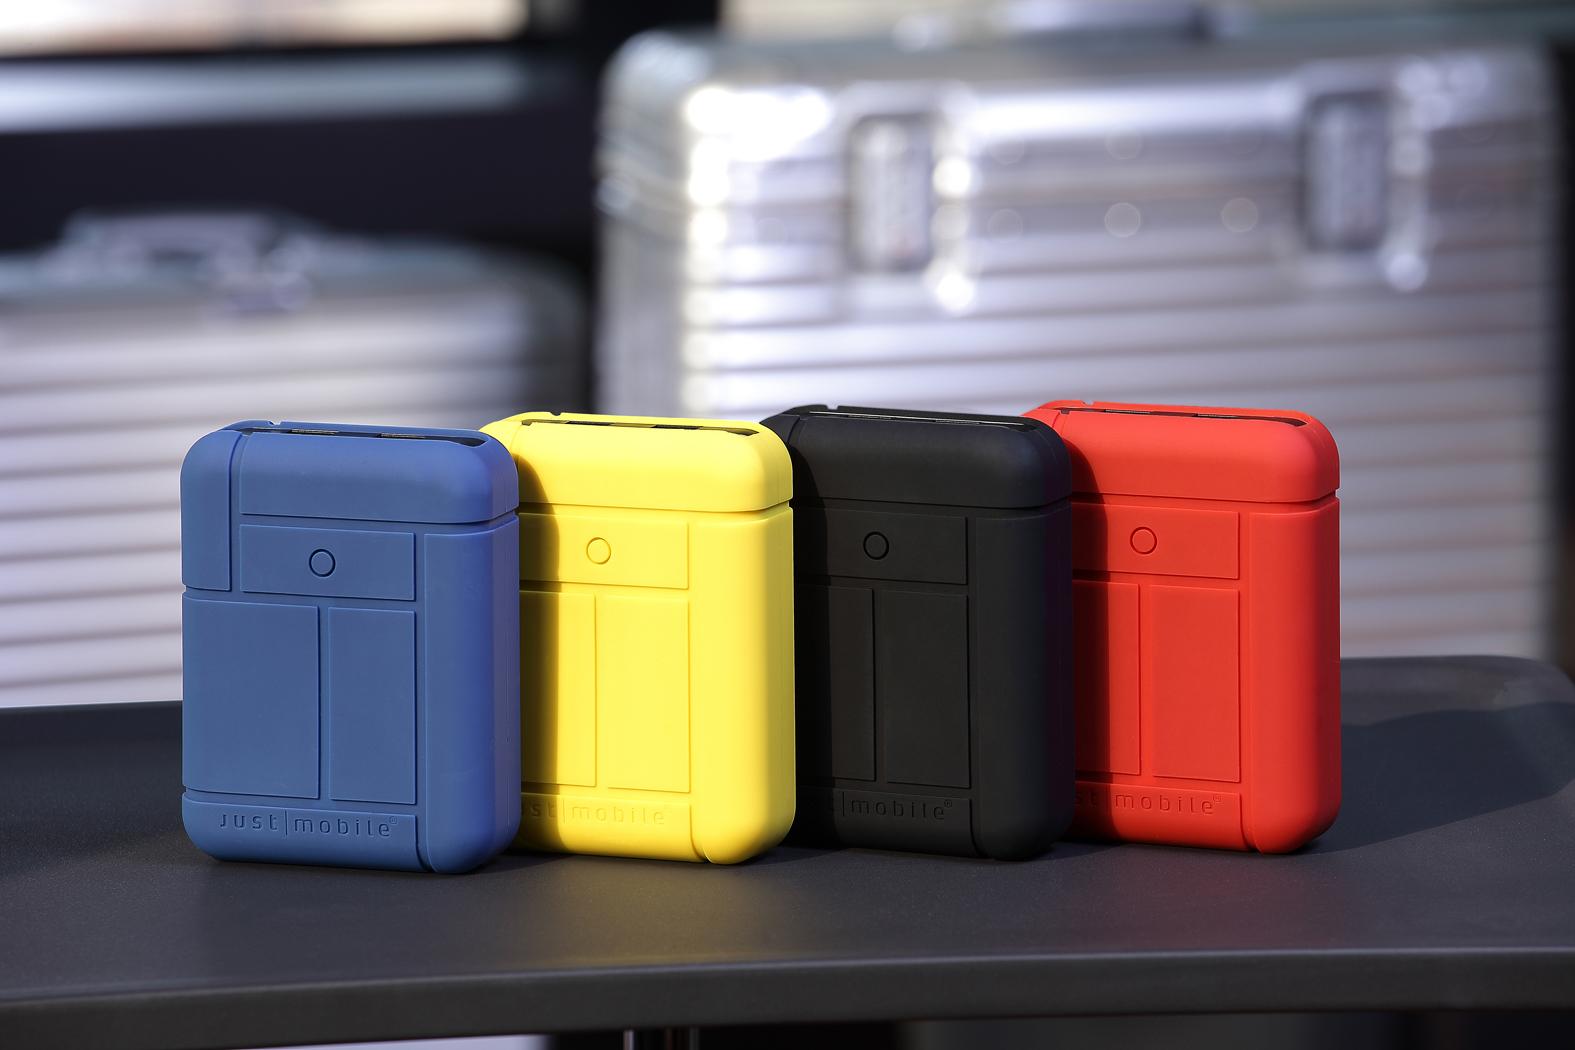 Bateria Gum Max Duo, da Just Mobile